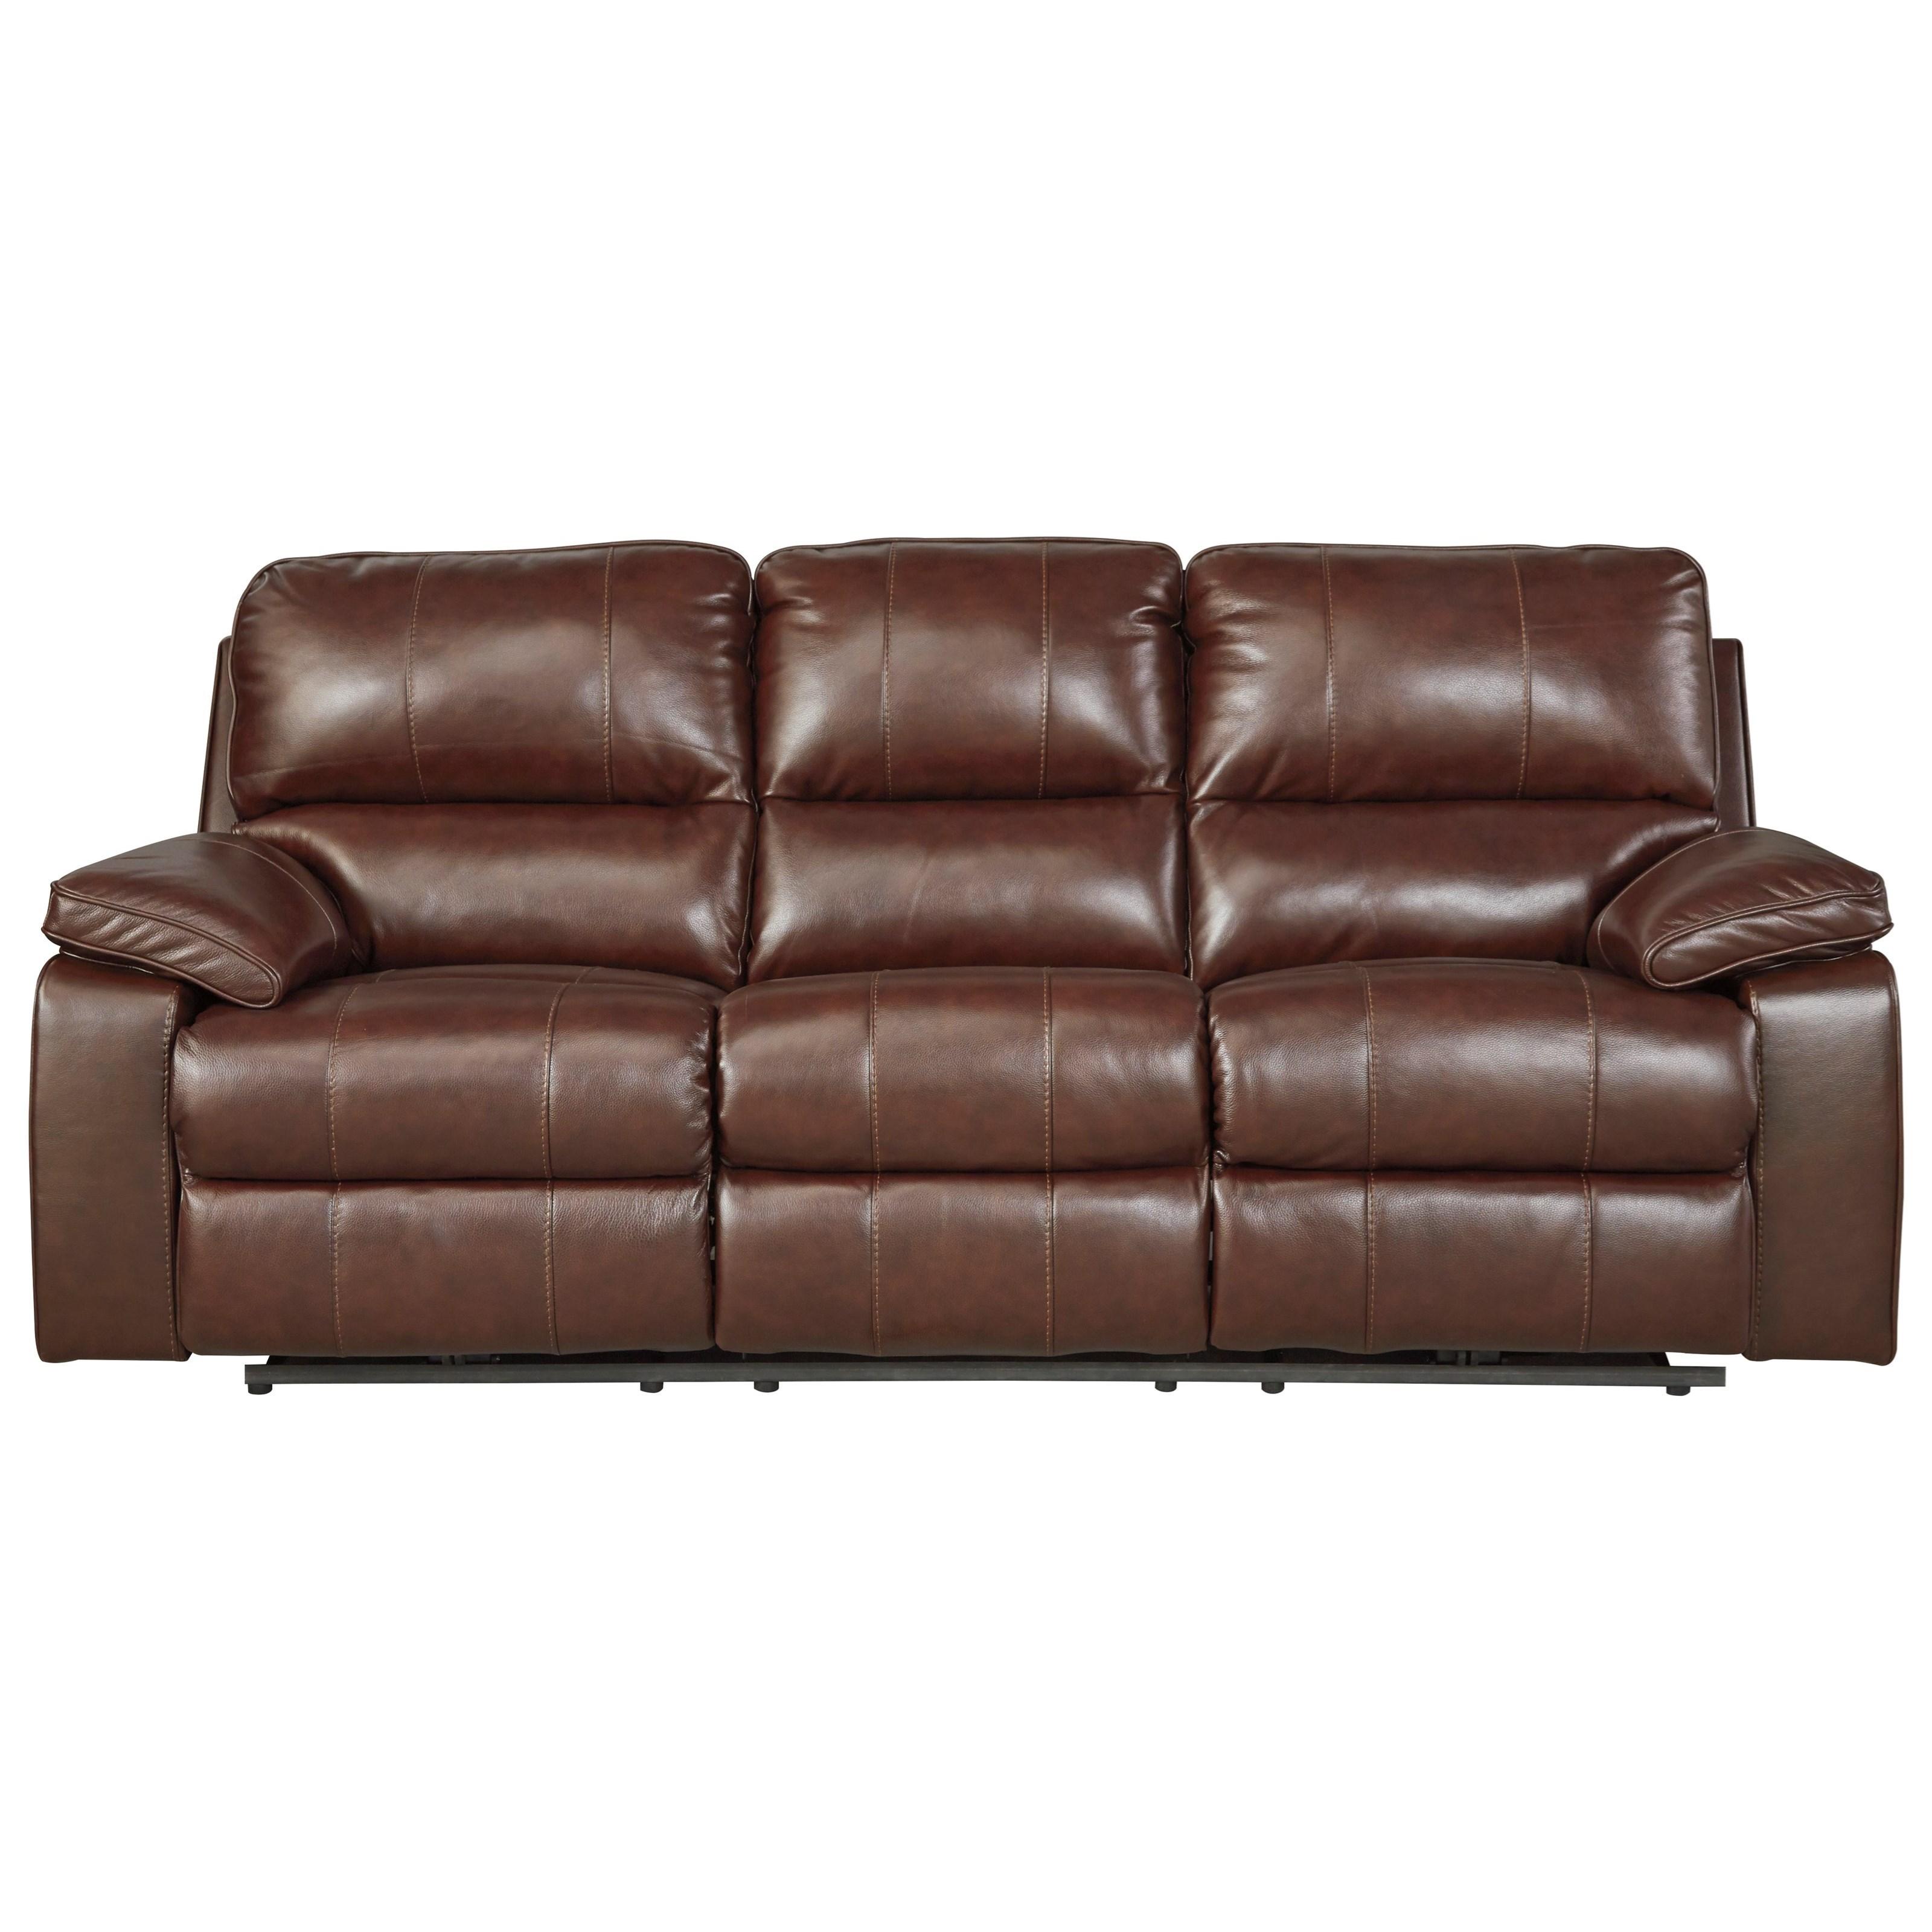 Sofa W/ Adjustable Headrest | Del Sol Furniture | Reclining Sofa .